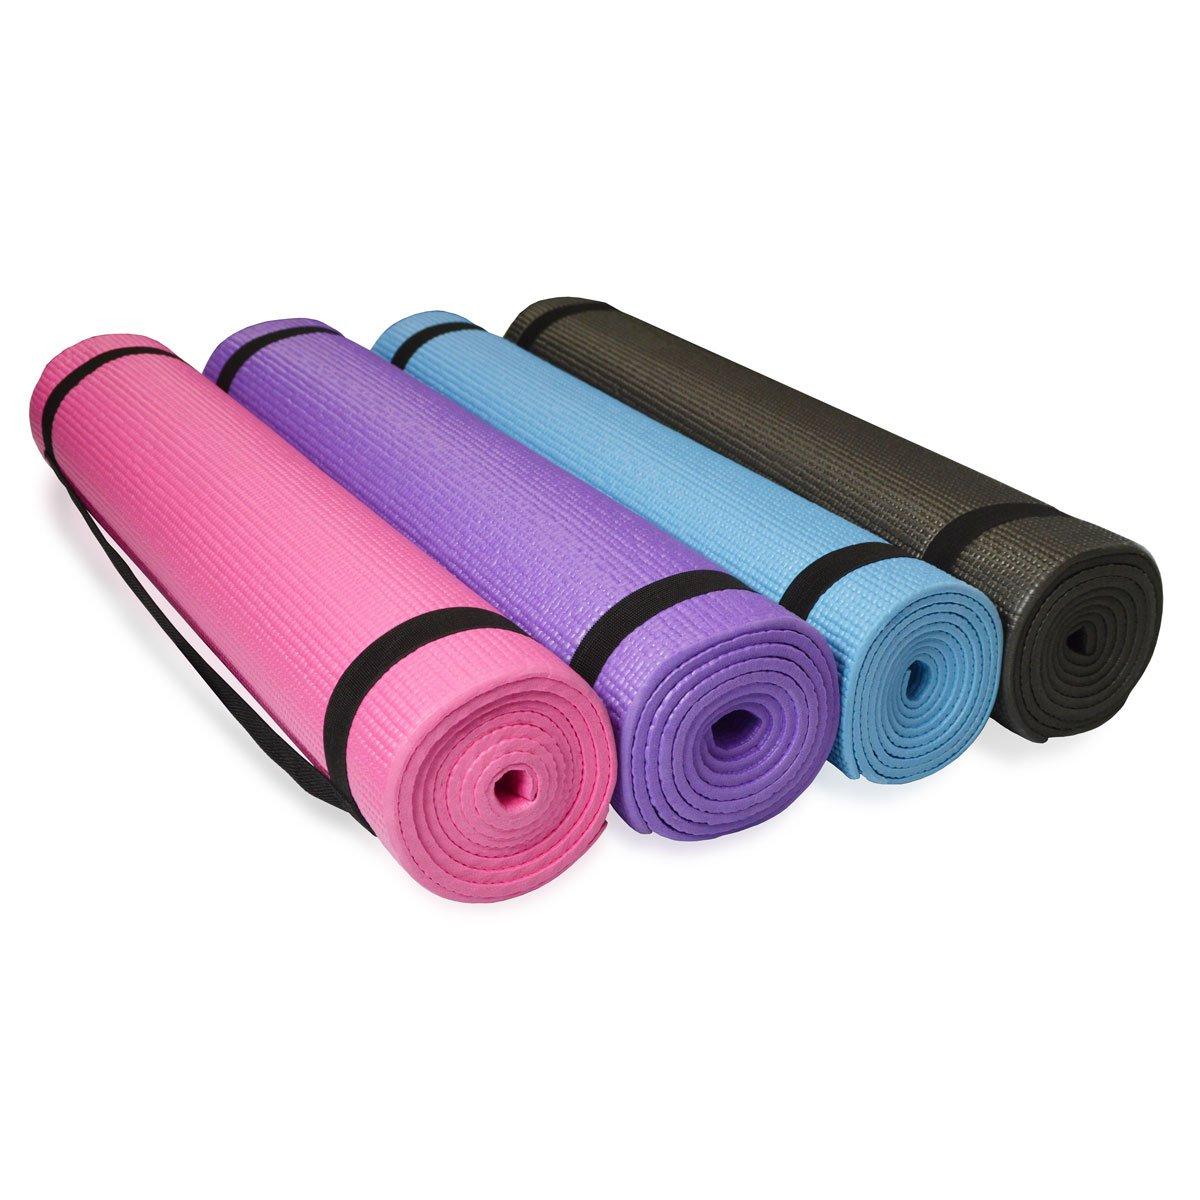 PVC de Yoga Pilates Fitness diMio 185 x 60 cm shaktí | En 4 coloures de la estera de yoga para fitness y más